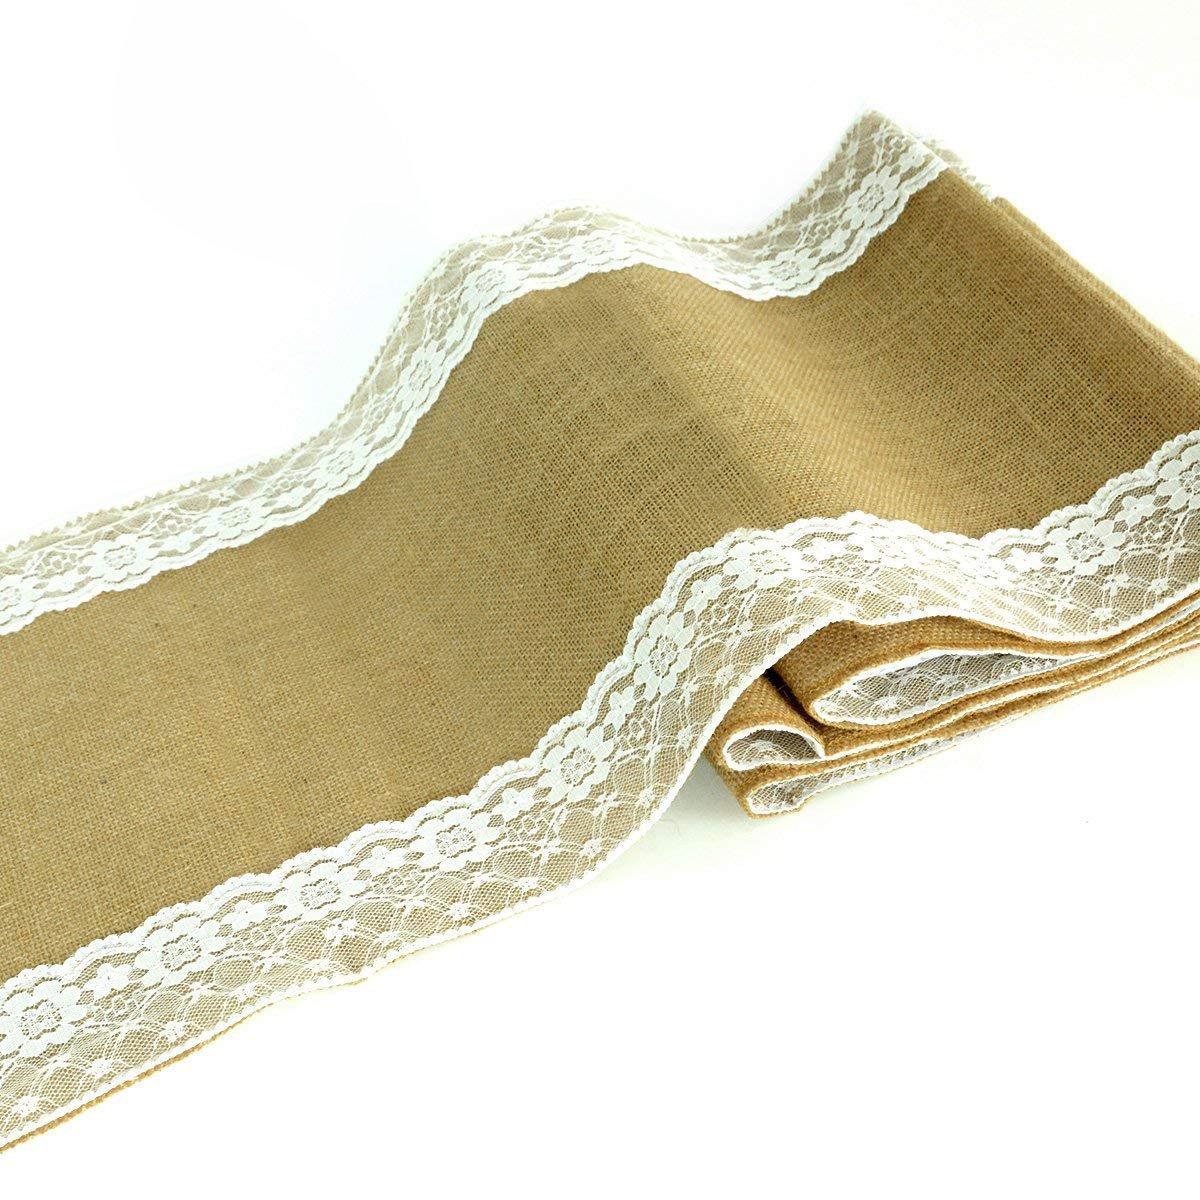 (2, 30cm x 180cm) - kingleder 30cm x 180cm Burlap Table Runner White Lace Trim Jute for Country Rustic Wedding Party Decorations(30cm x 180cm,2 PACK) 12\  B071J9ZB43